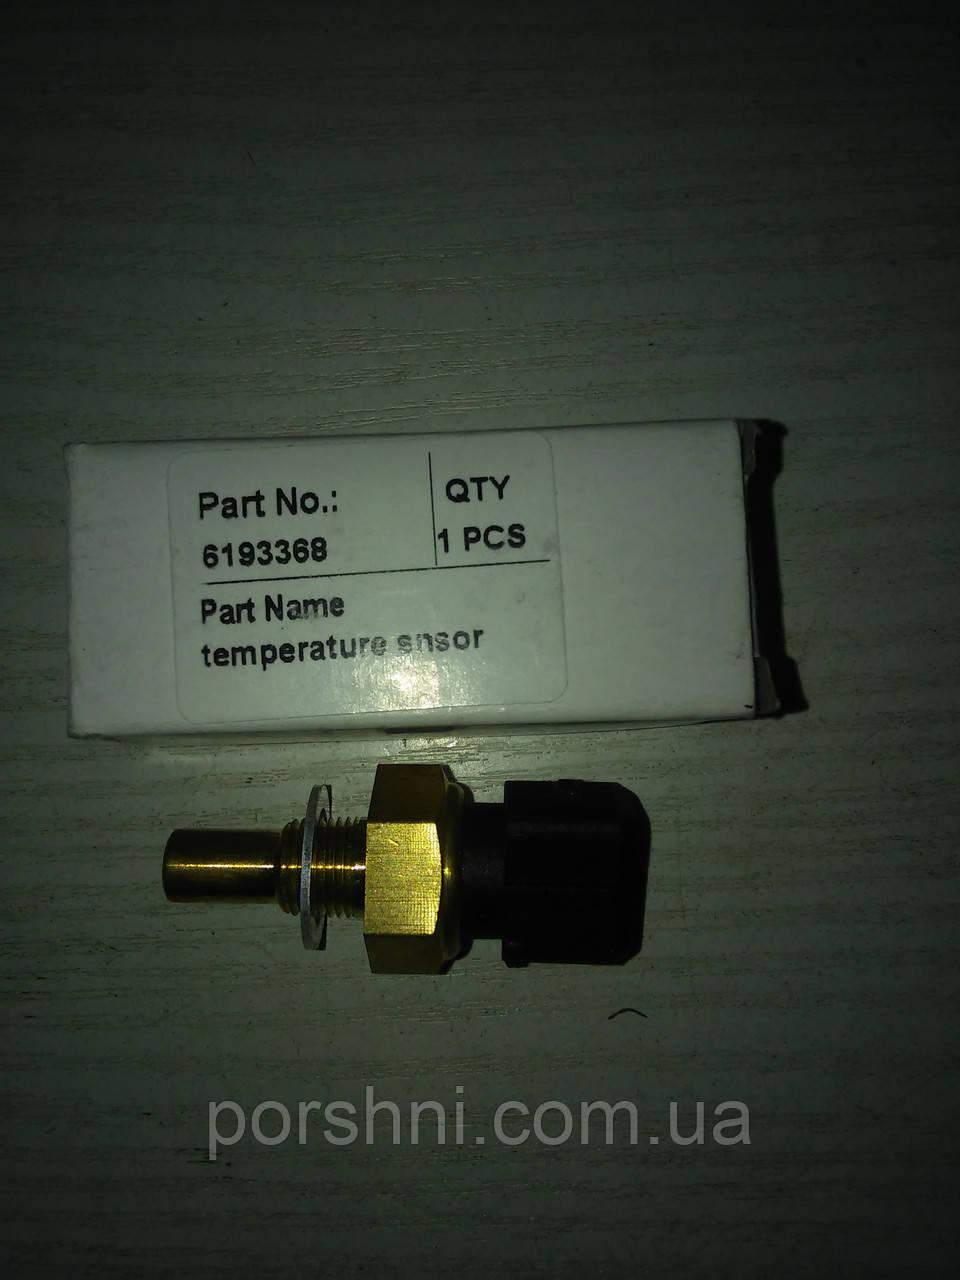 Датчик  температуры Ford Escort Mondeo ЗЭТЭК LEADERPARTS  N: 6193368